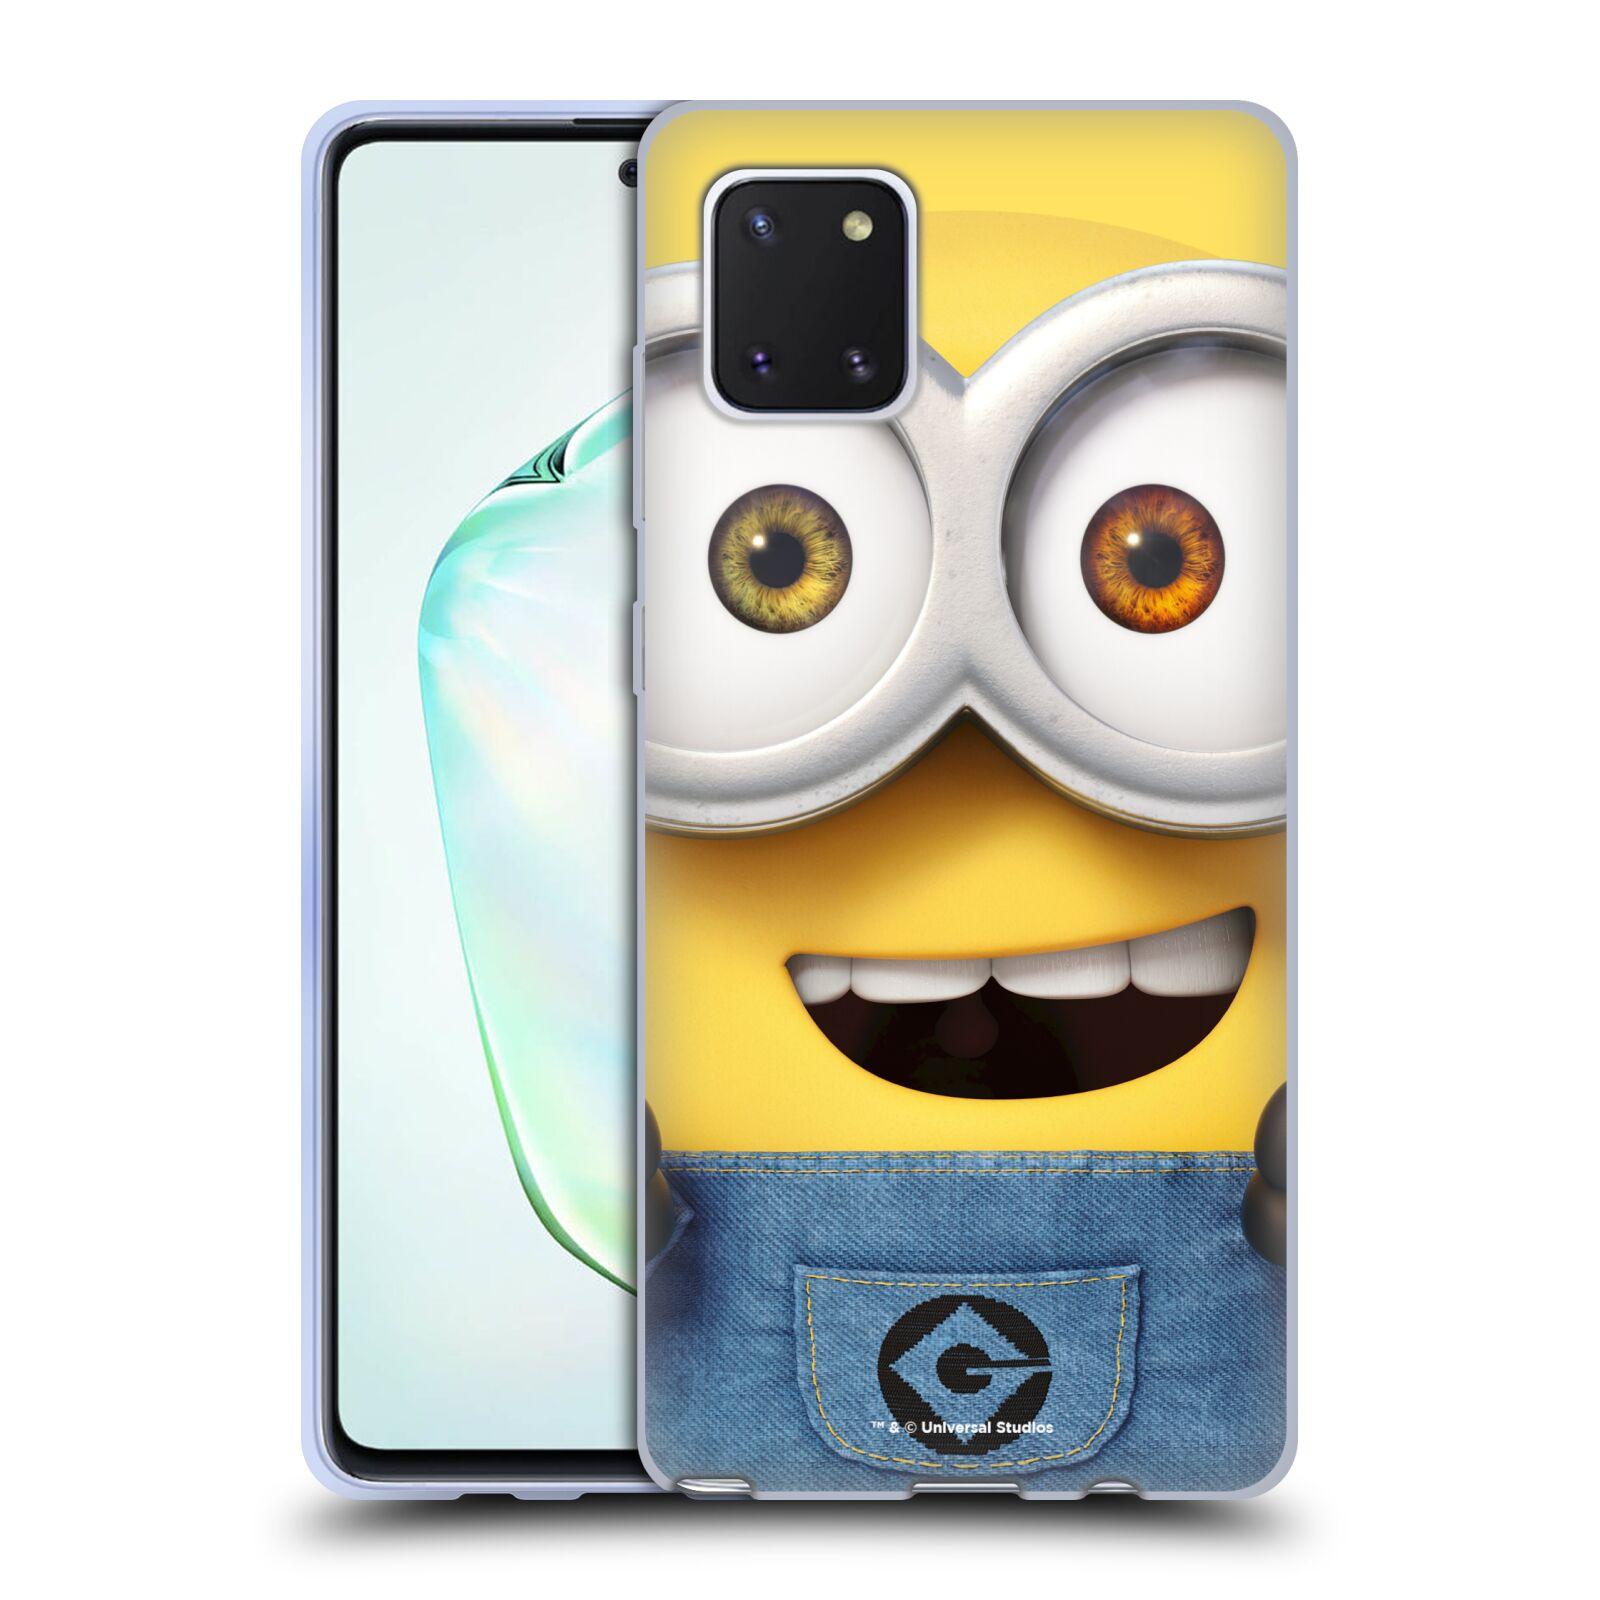 Silikonové pouzdro na mobil Samsung Galaxy Note 10 Lite - Head Case - Mimoň Bob z filmu Já, padouch - Despicable Me